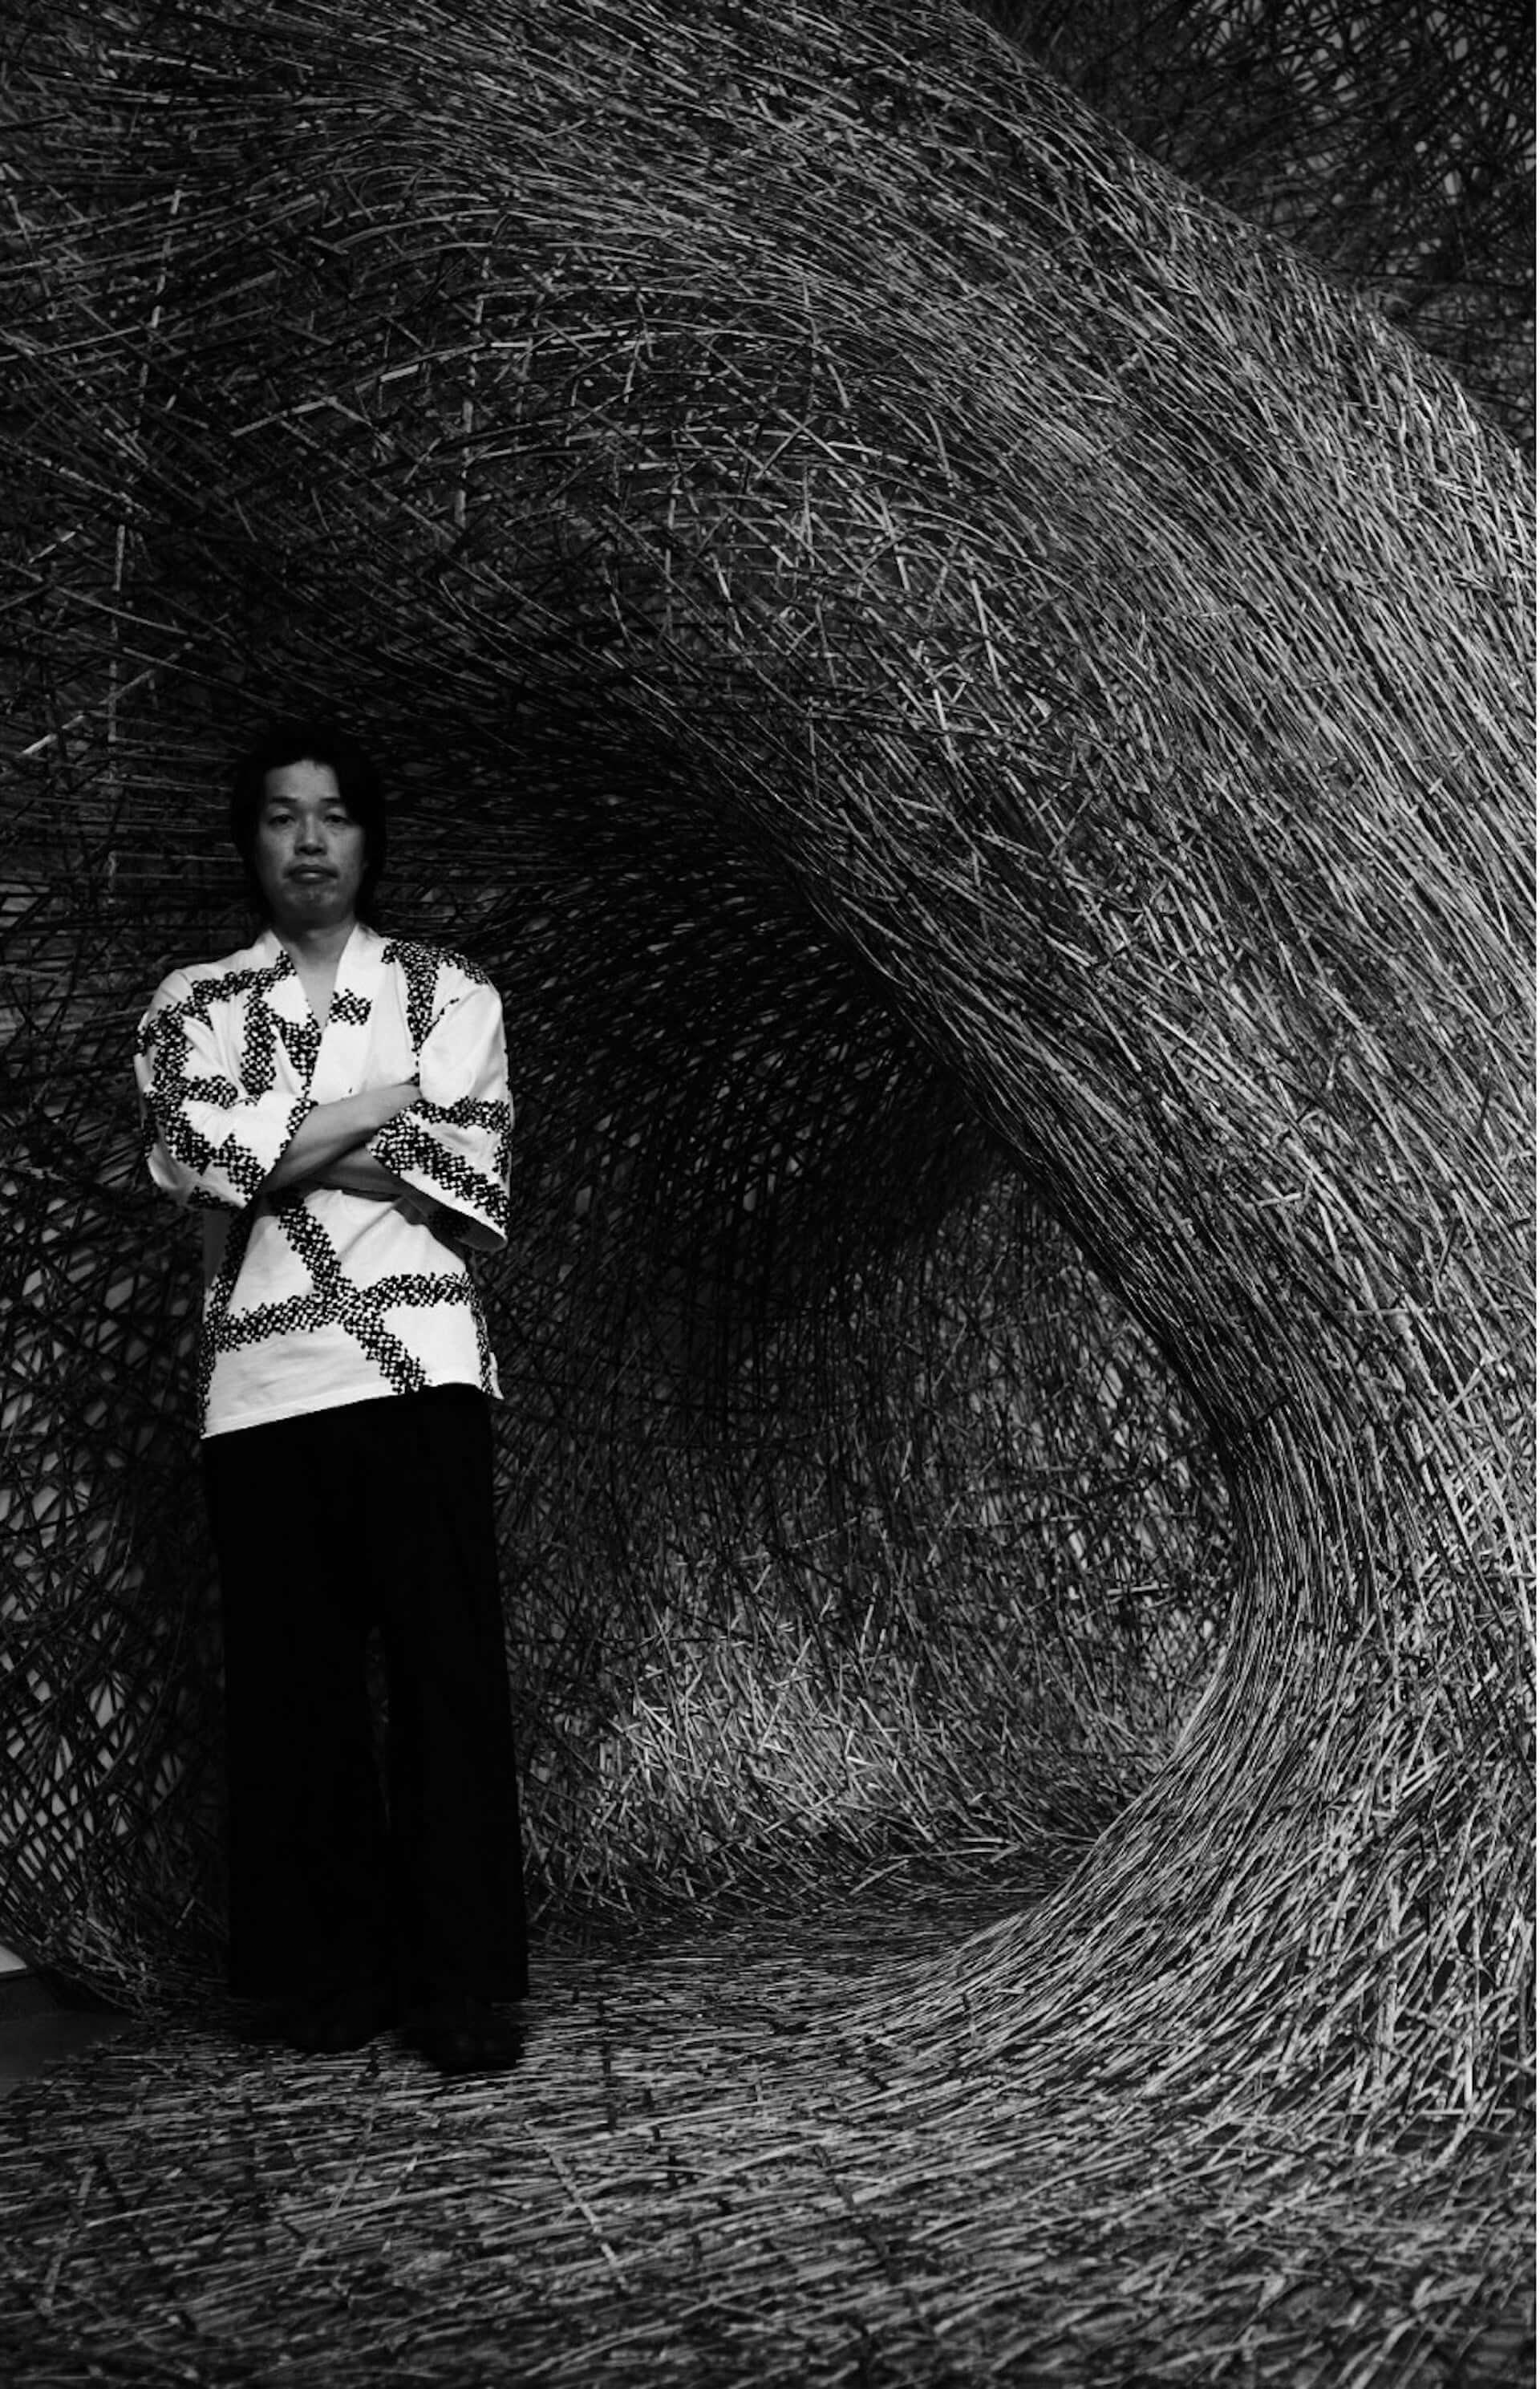 美術工芸家・四代田辺竹雲斎の展覧会<CHIKUUNSAI IV ∞>が銀座 蔦屋書店「GINZA ATRIUM」にて開幕!巨大インスタレーションの公開制作も実施 art201006_ginzatsutaya-chikuunsai_1-1-1920x2978